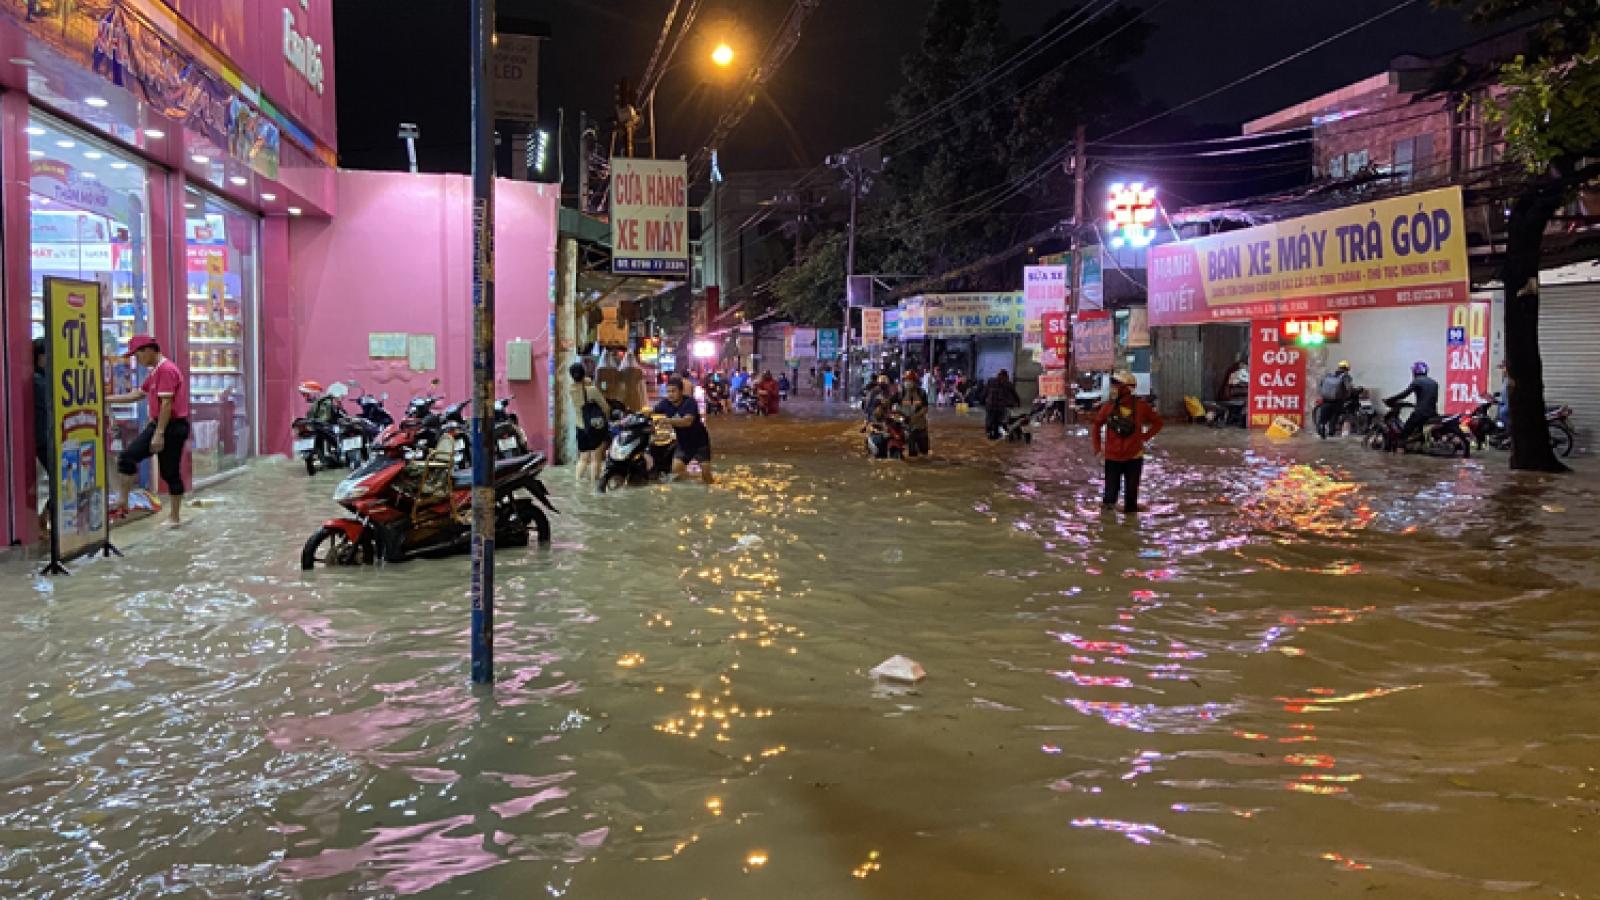 Hàng loạt tuyến đường TP Hồ Chí Minh chìm trong biển nước sau cơn mưa như trút